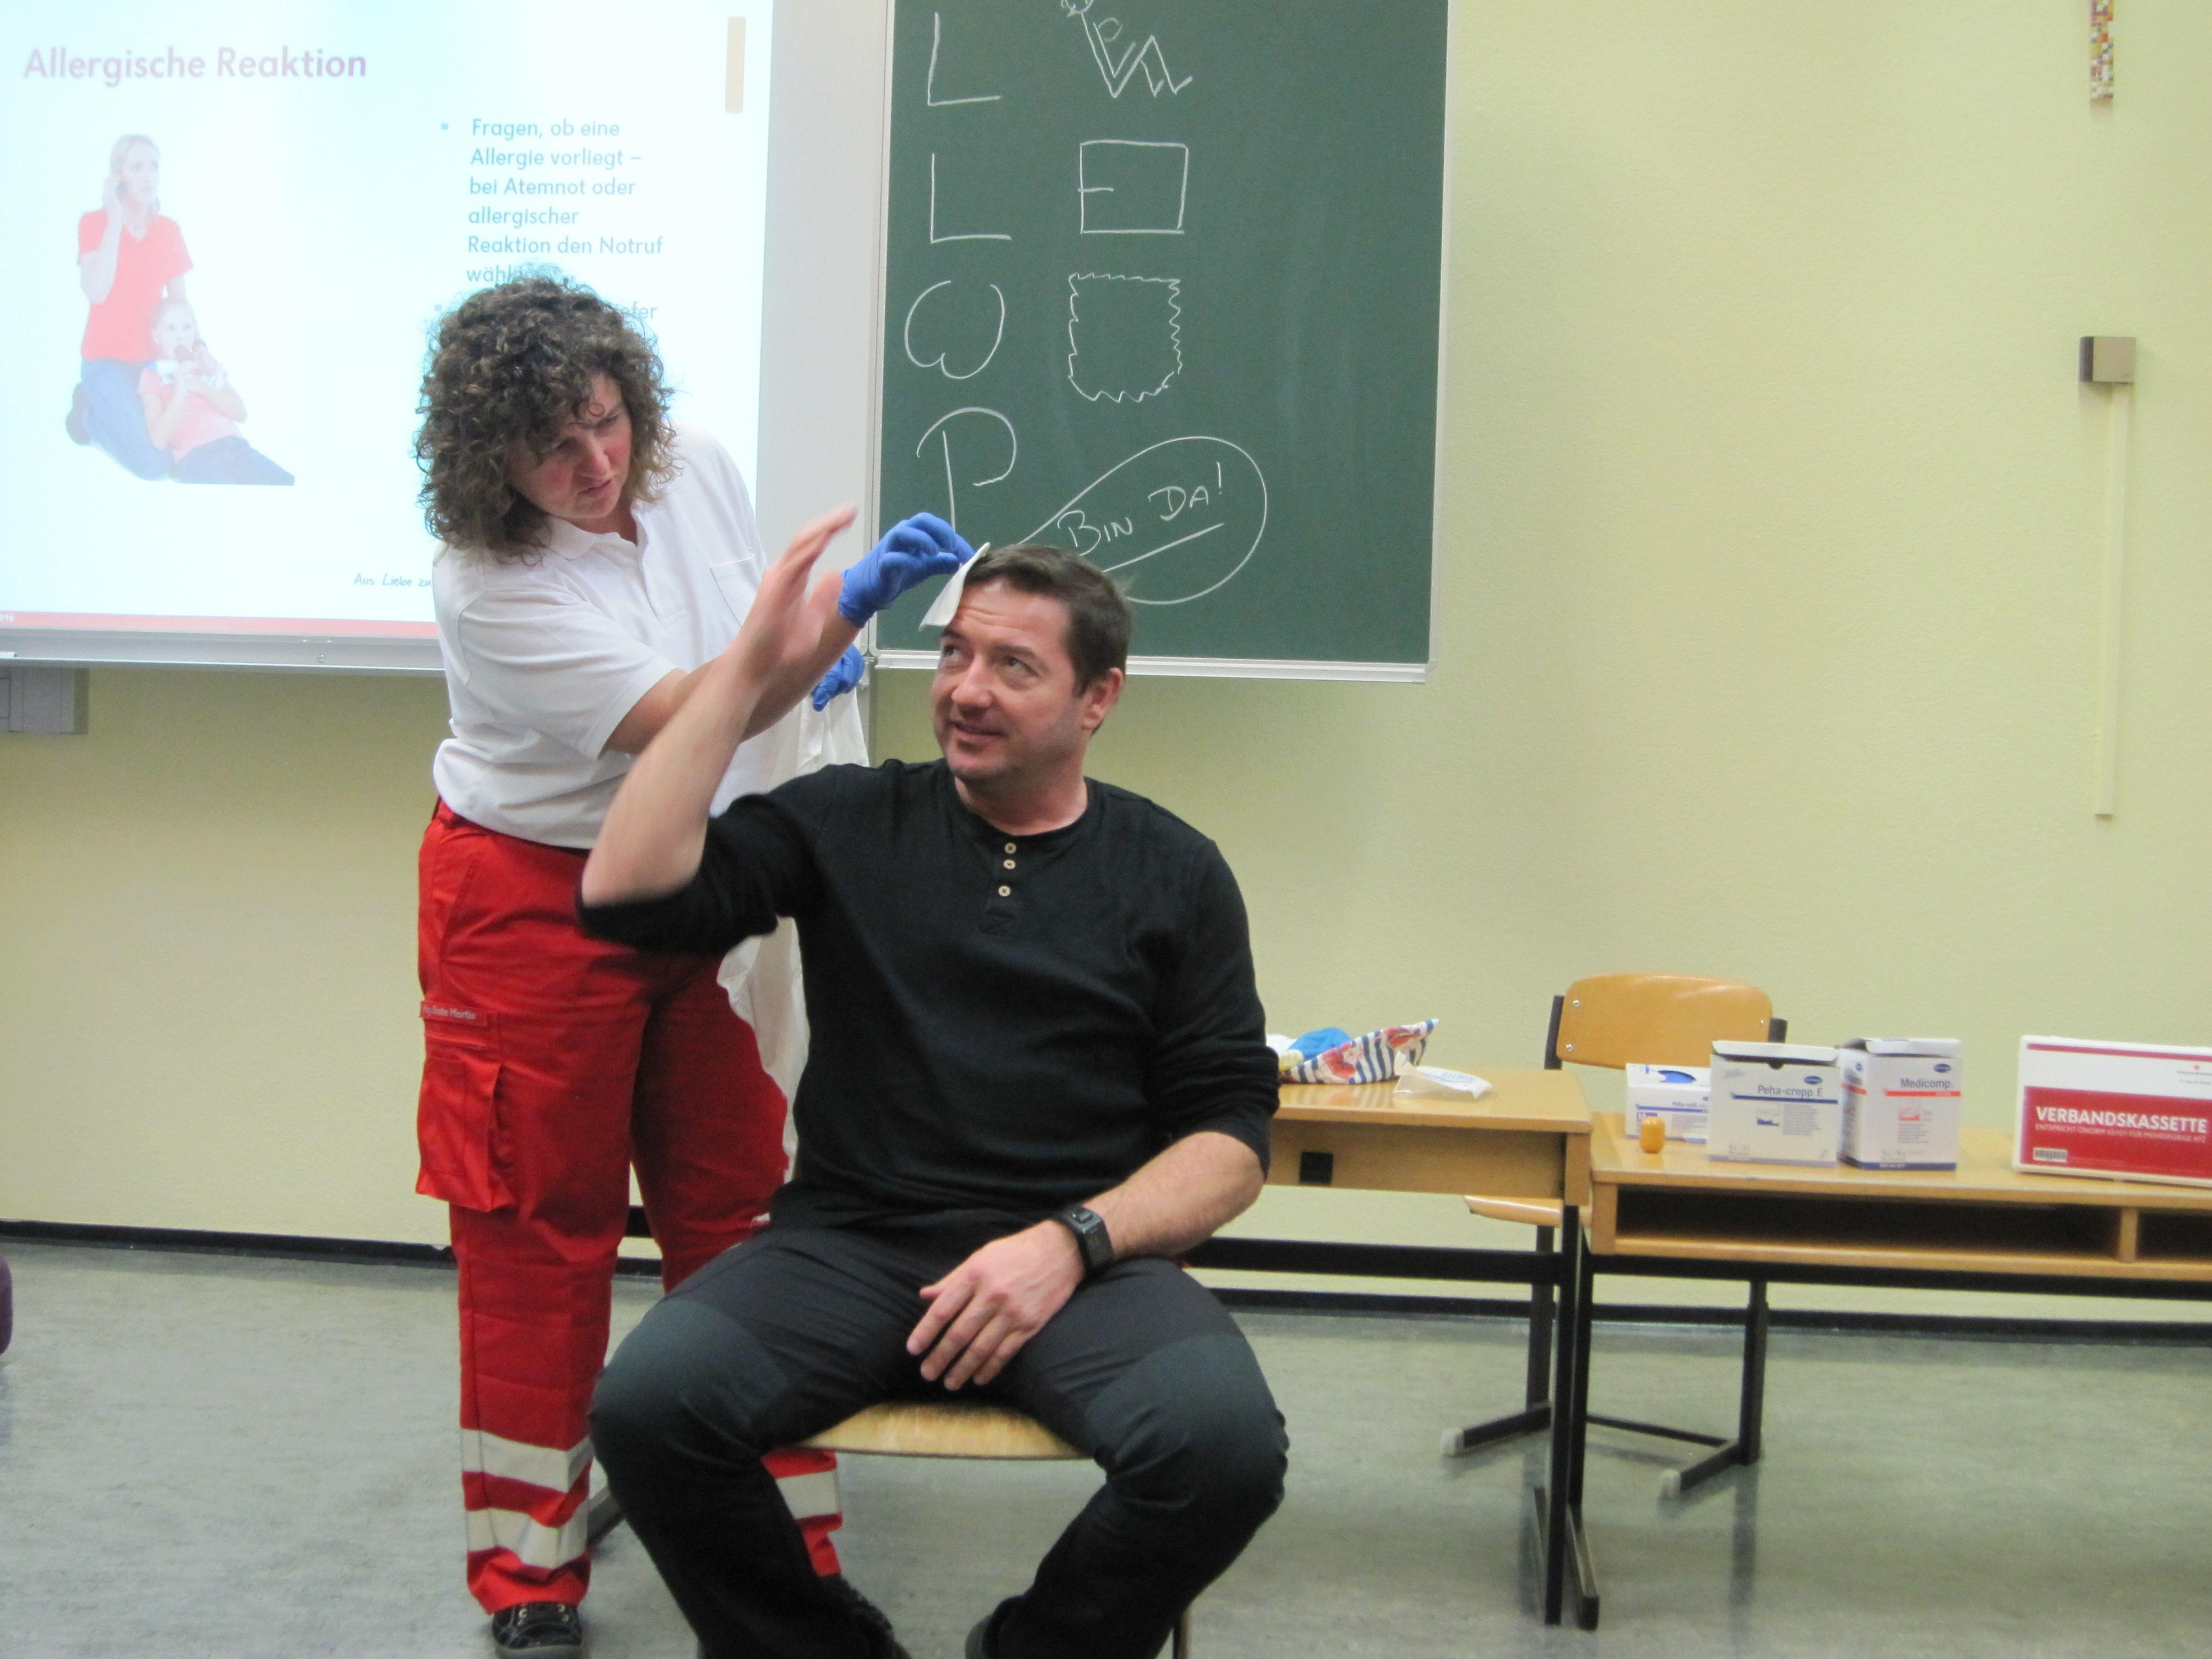 Erste Hilfe ist nicht nur für die Lehrerinnen und Lehrer in Vandans wichtig. Auch Schulwart Alexander Bucher beteiligte sich gerne an der Wissensauffrischung